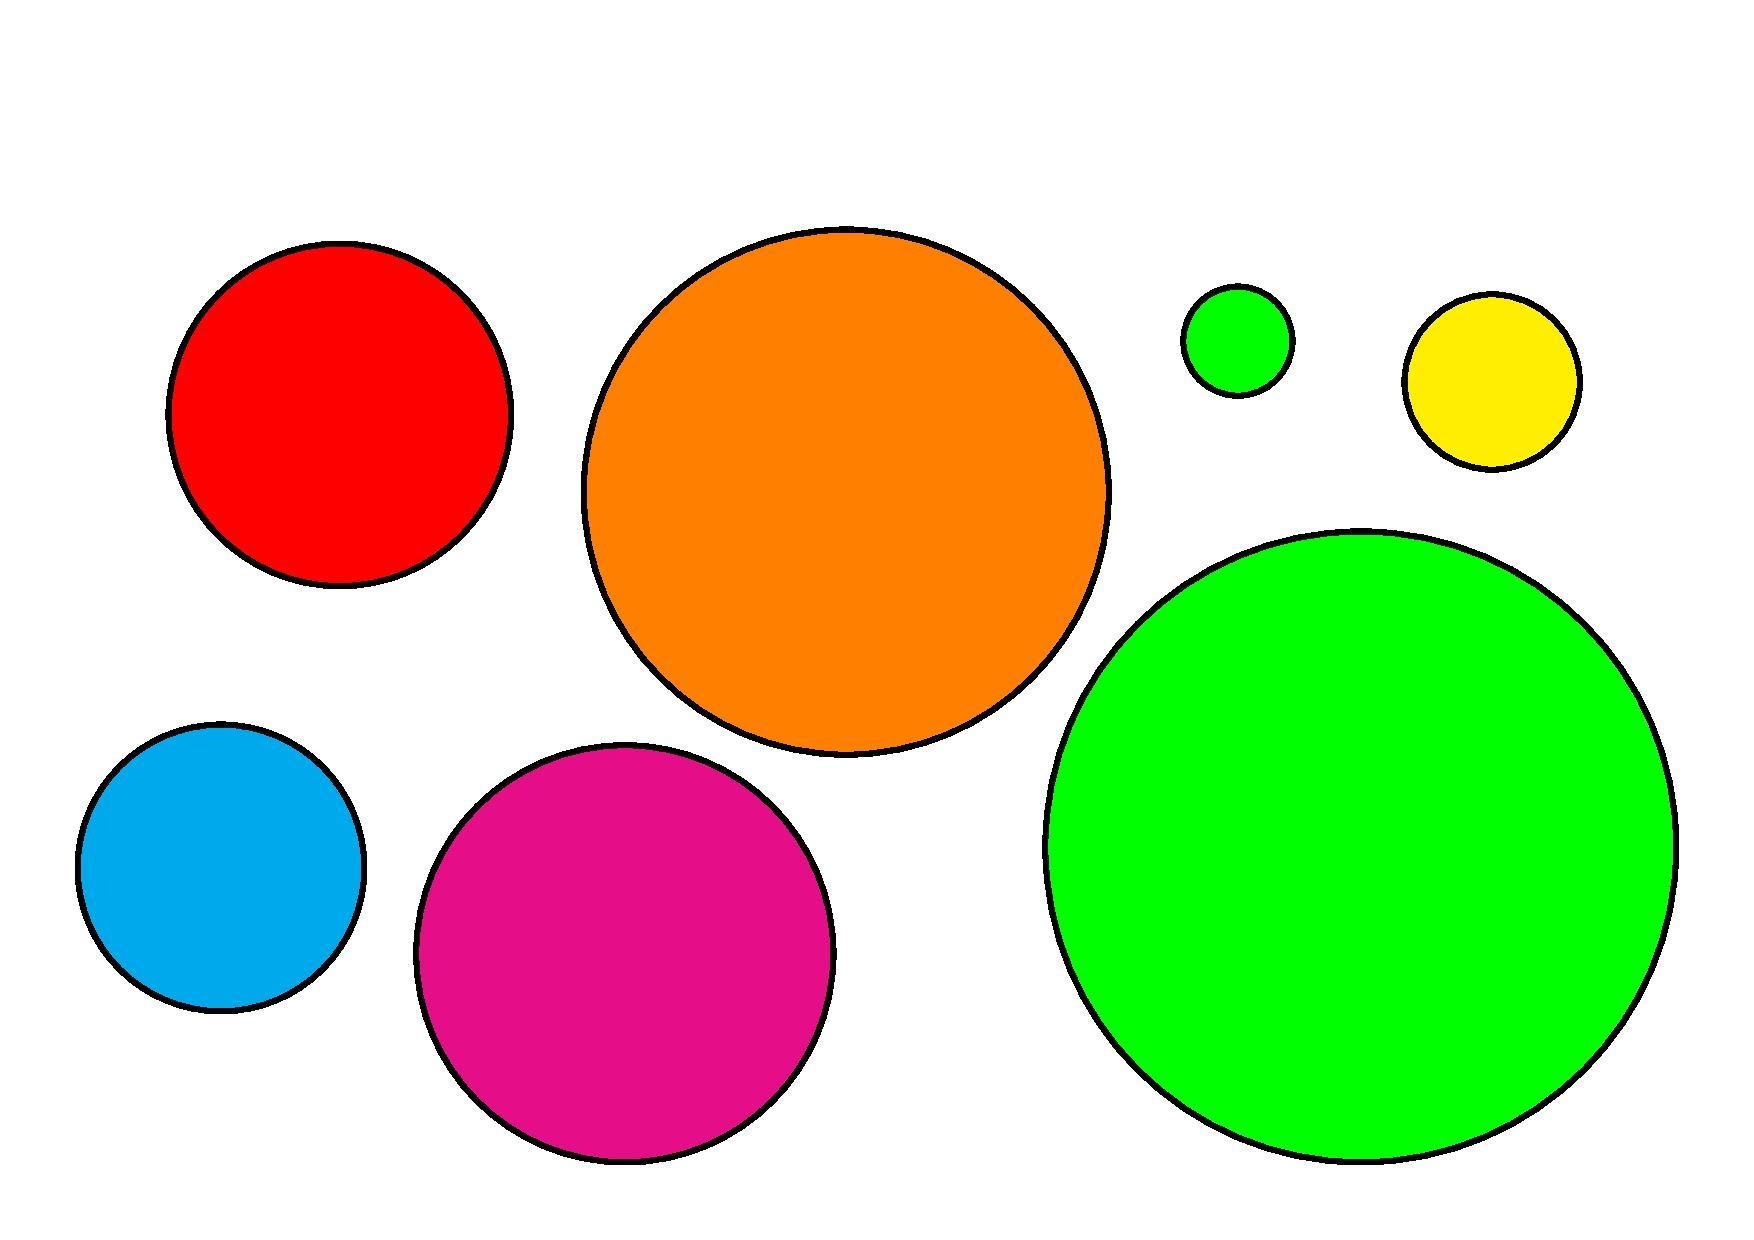 anasınıfı_geometrik_şekiller_kesme_çalışmaları_makas_ile